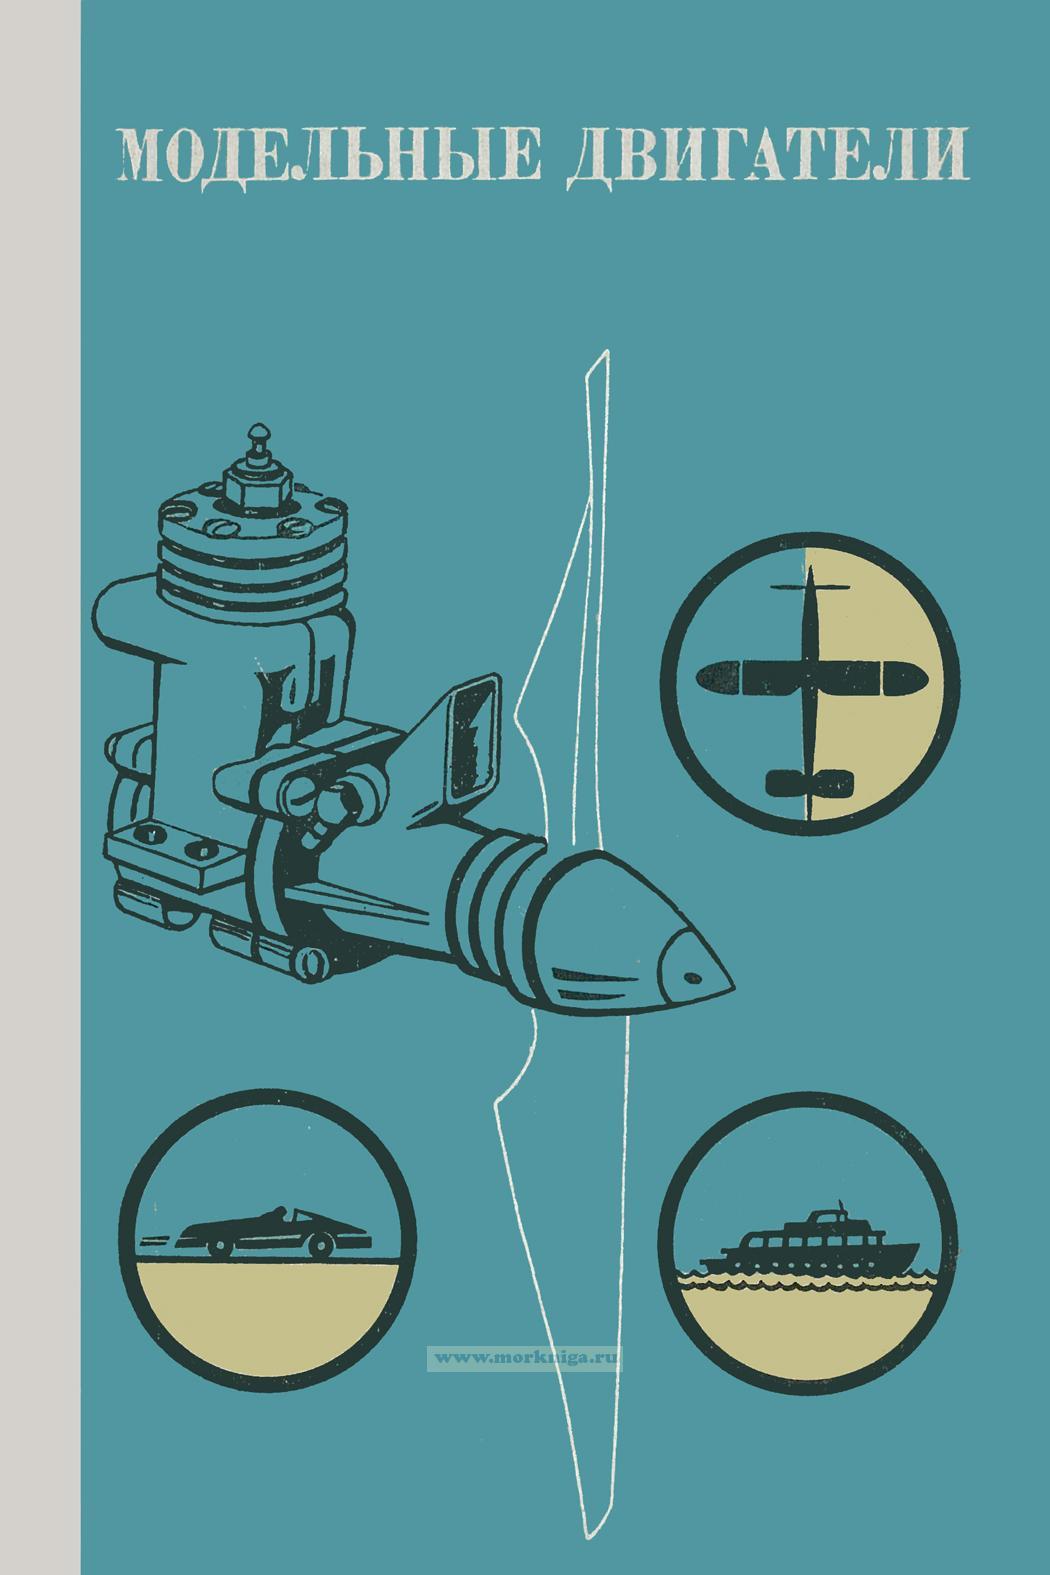 Модельные двигатели. Пособие для руководителей технических кружков